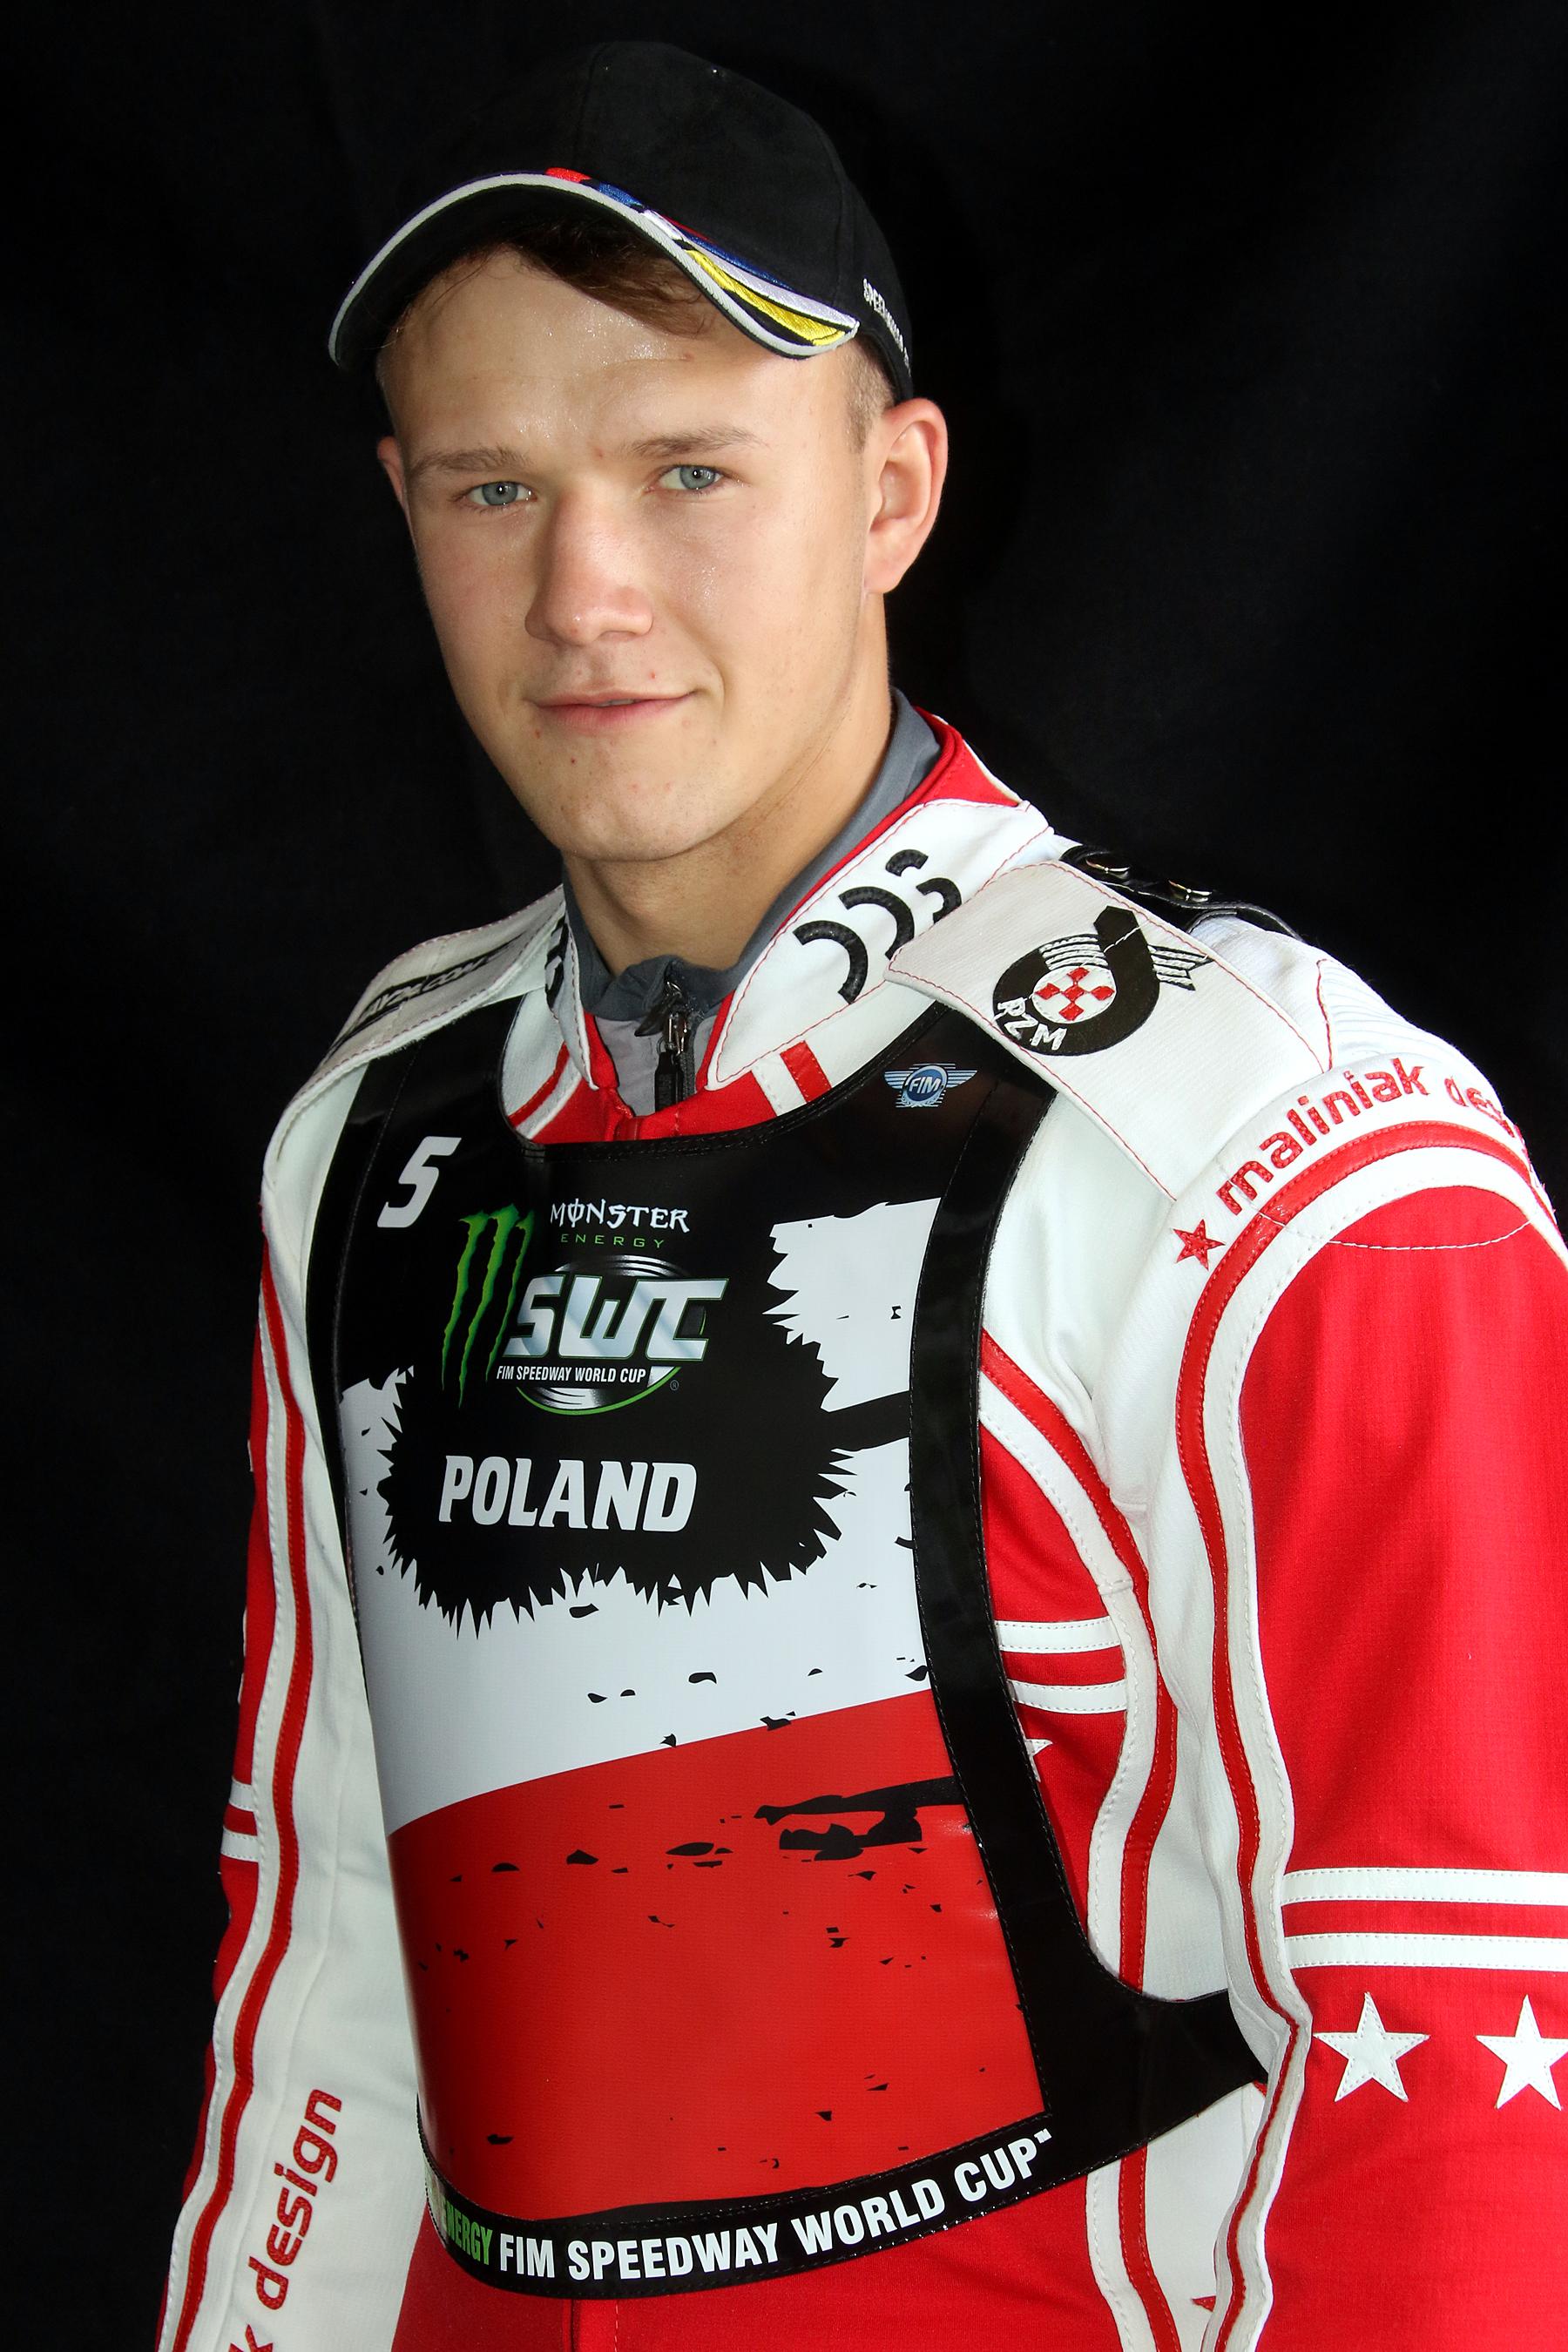 pieszczek6624(c)SpeedwayGP.jpg